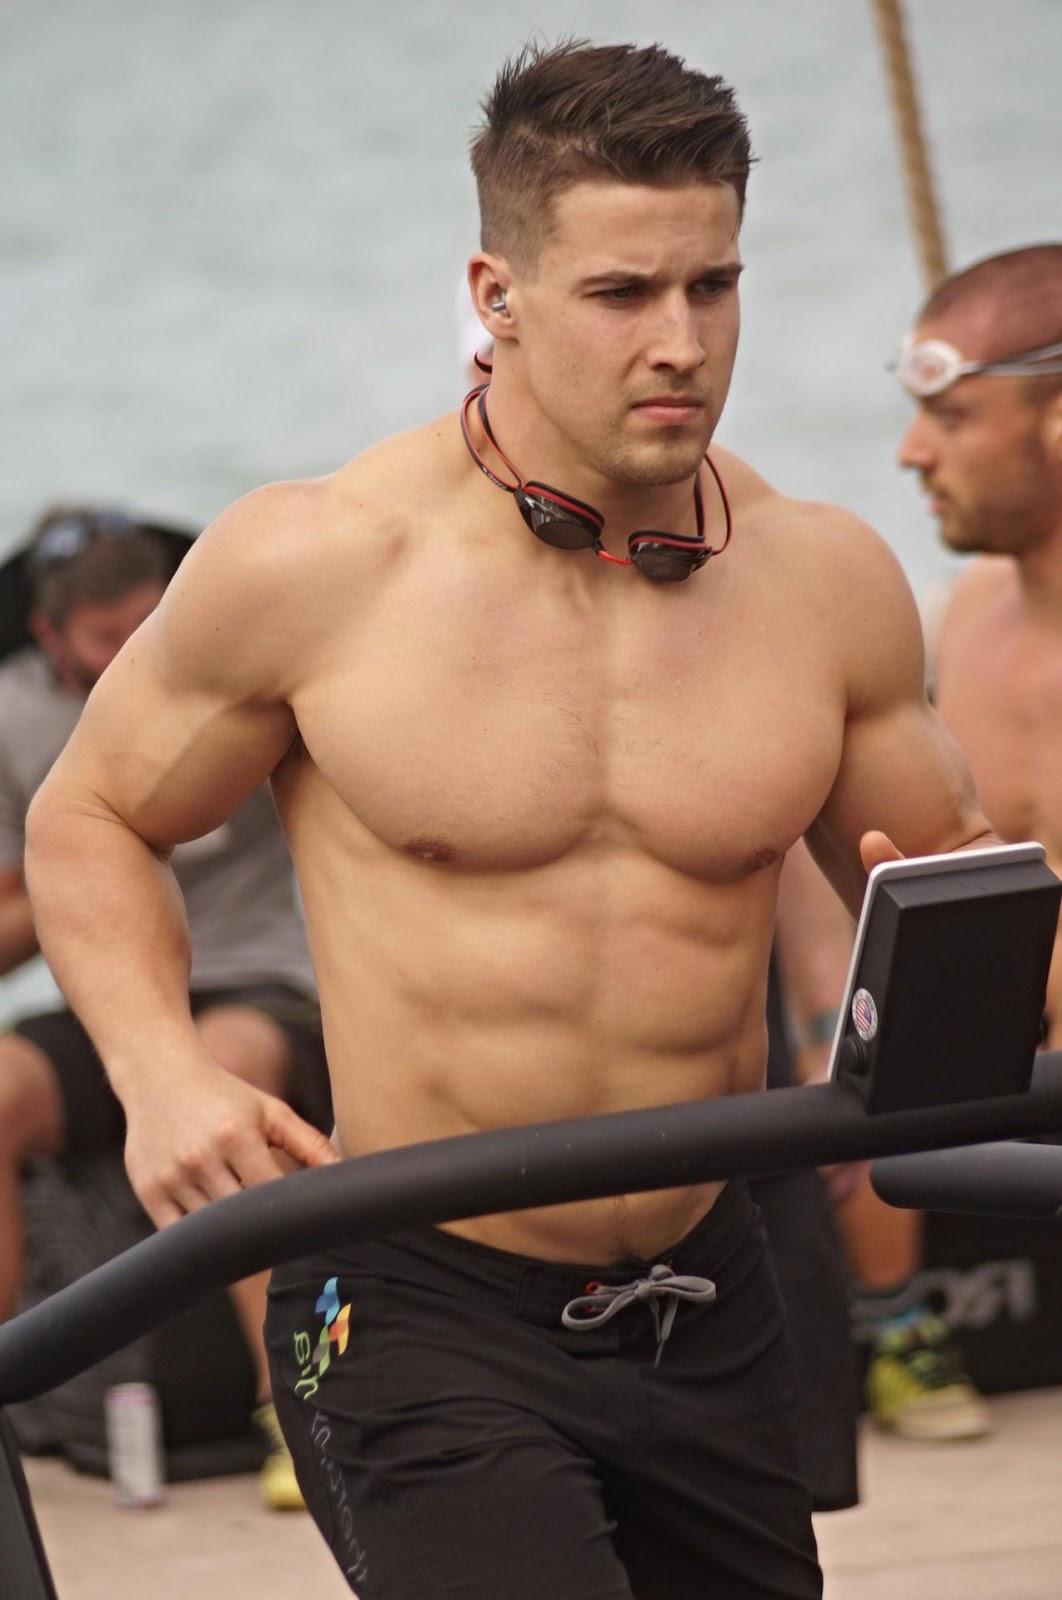 sexy-barechest-fit-muscle-jock-pecs-running-outdoor